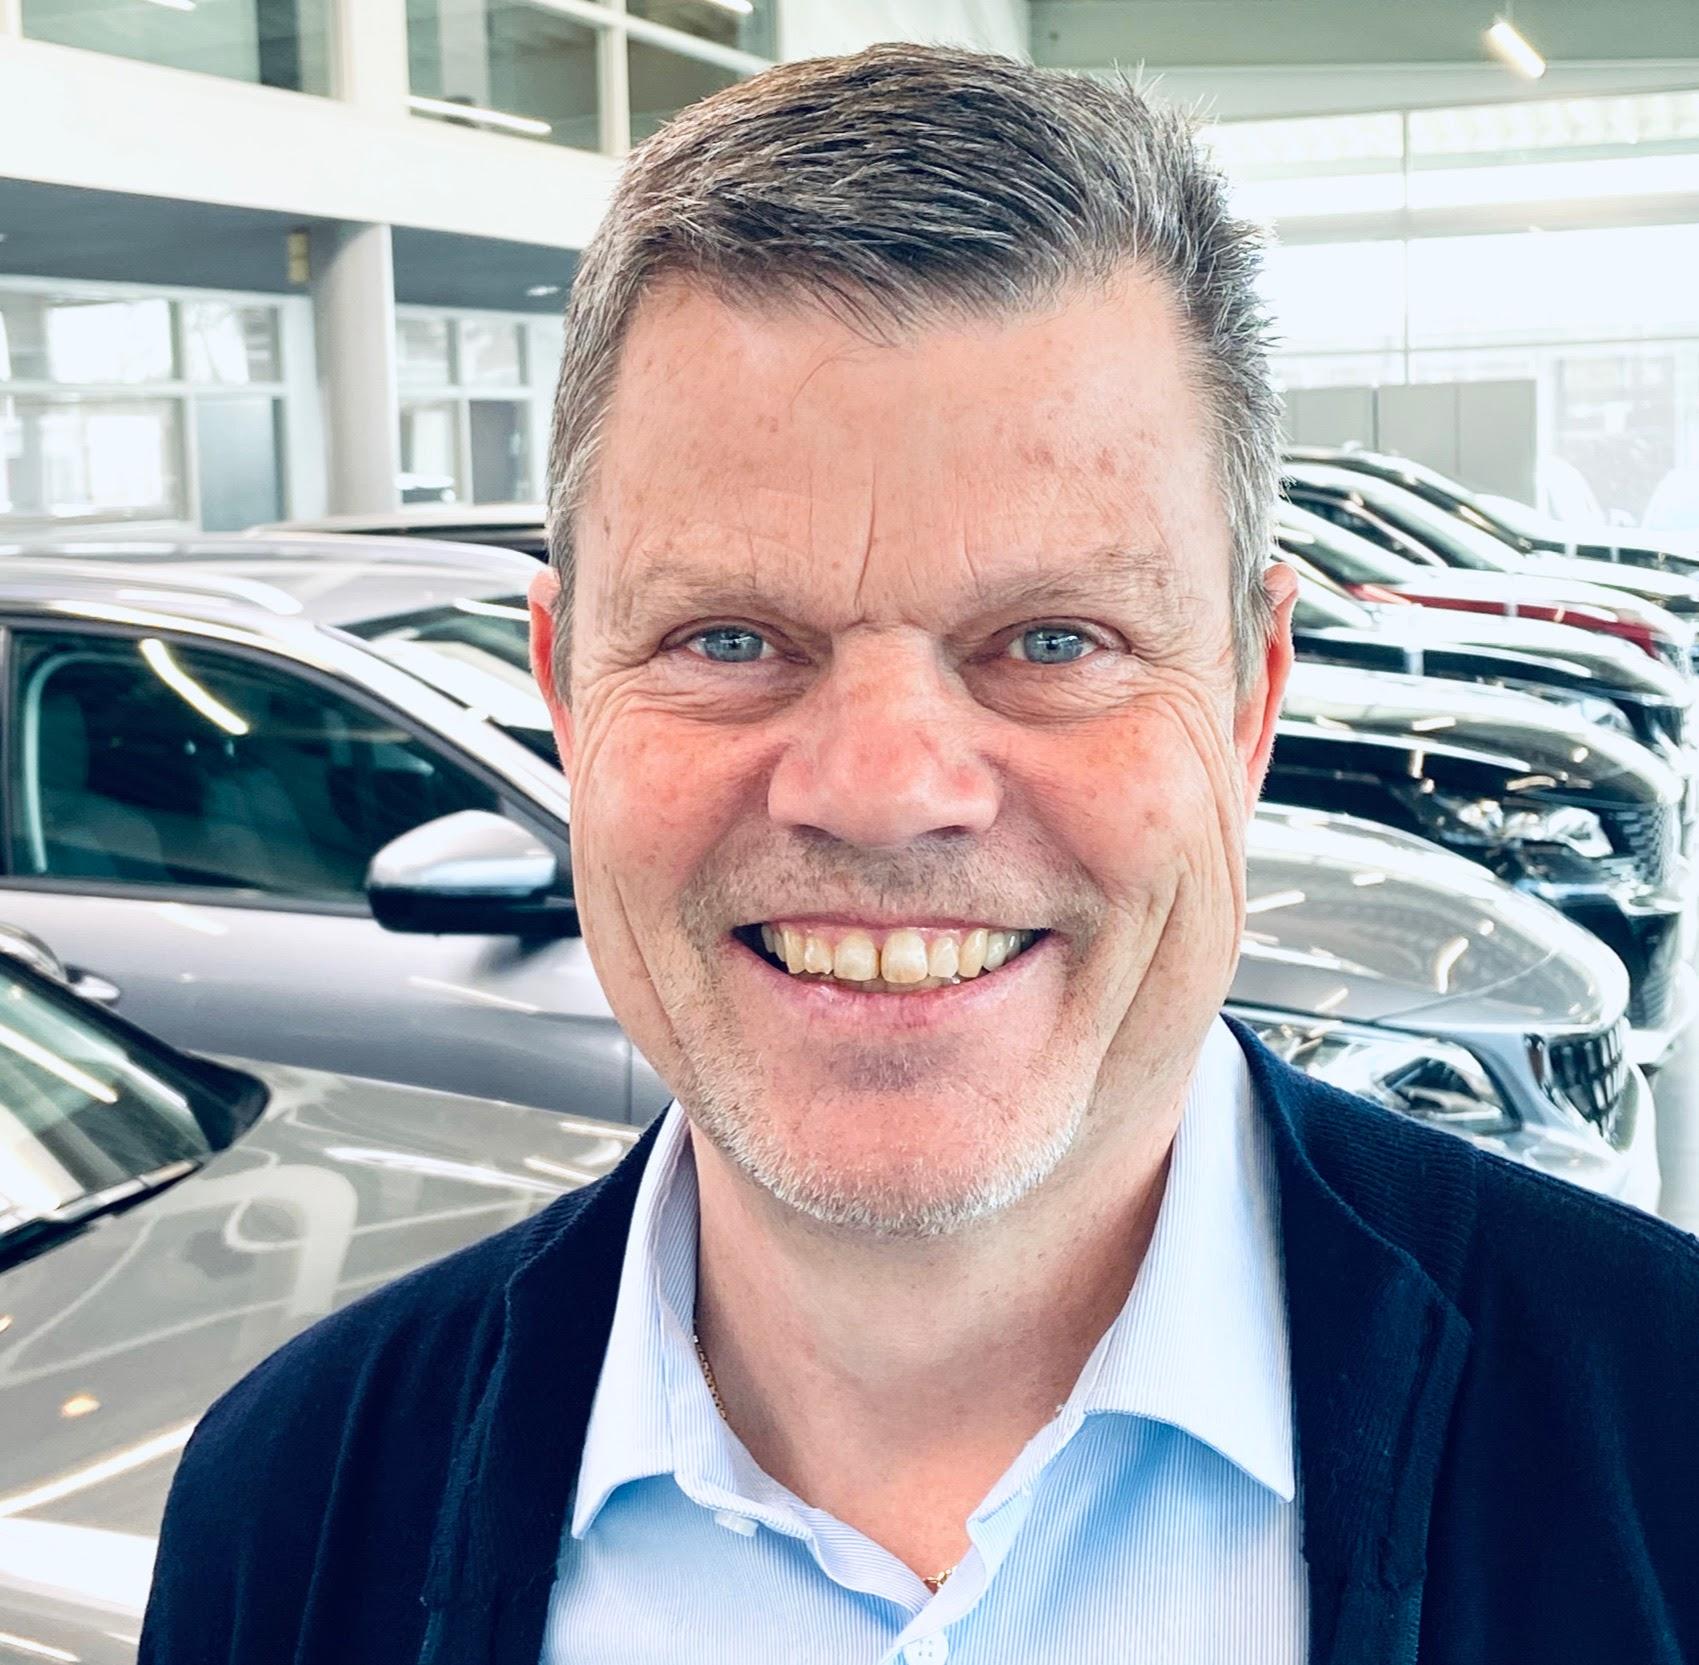 Peter Klostergaard